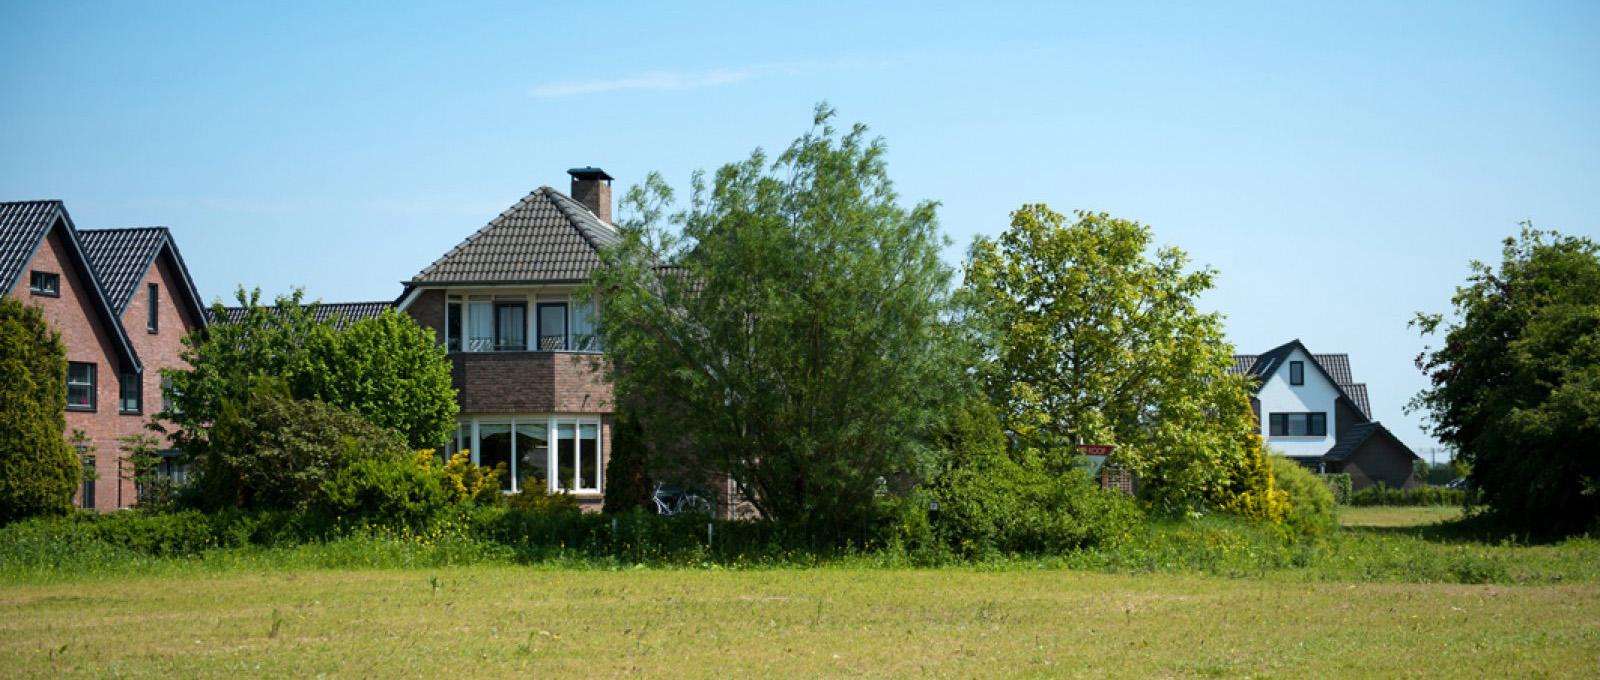 Zelf bouwen grootholthuizen for Zelf woning bouwen prijzen